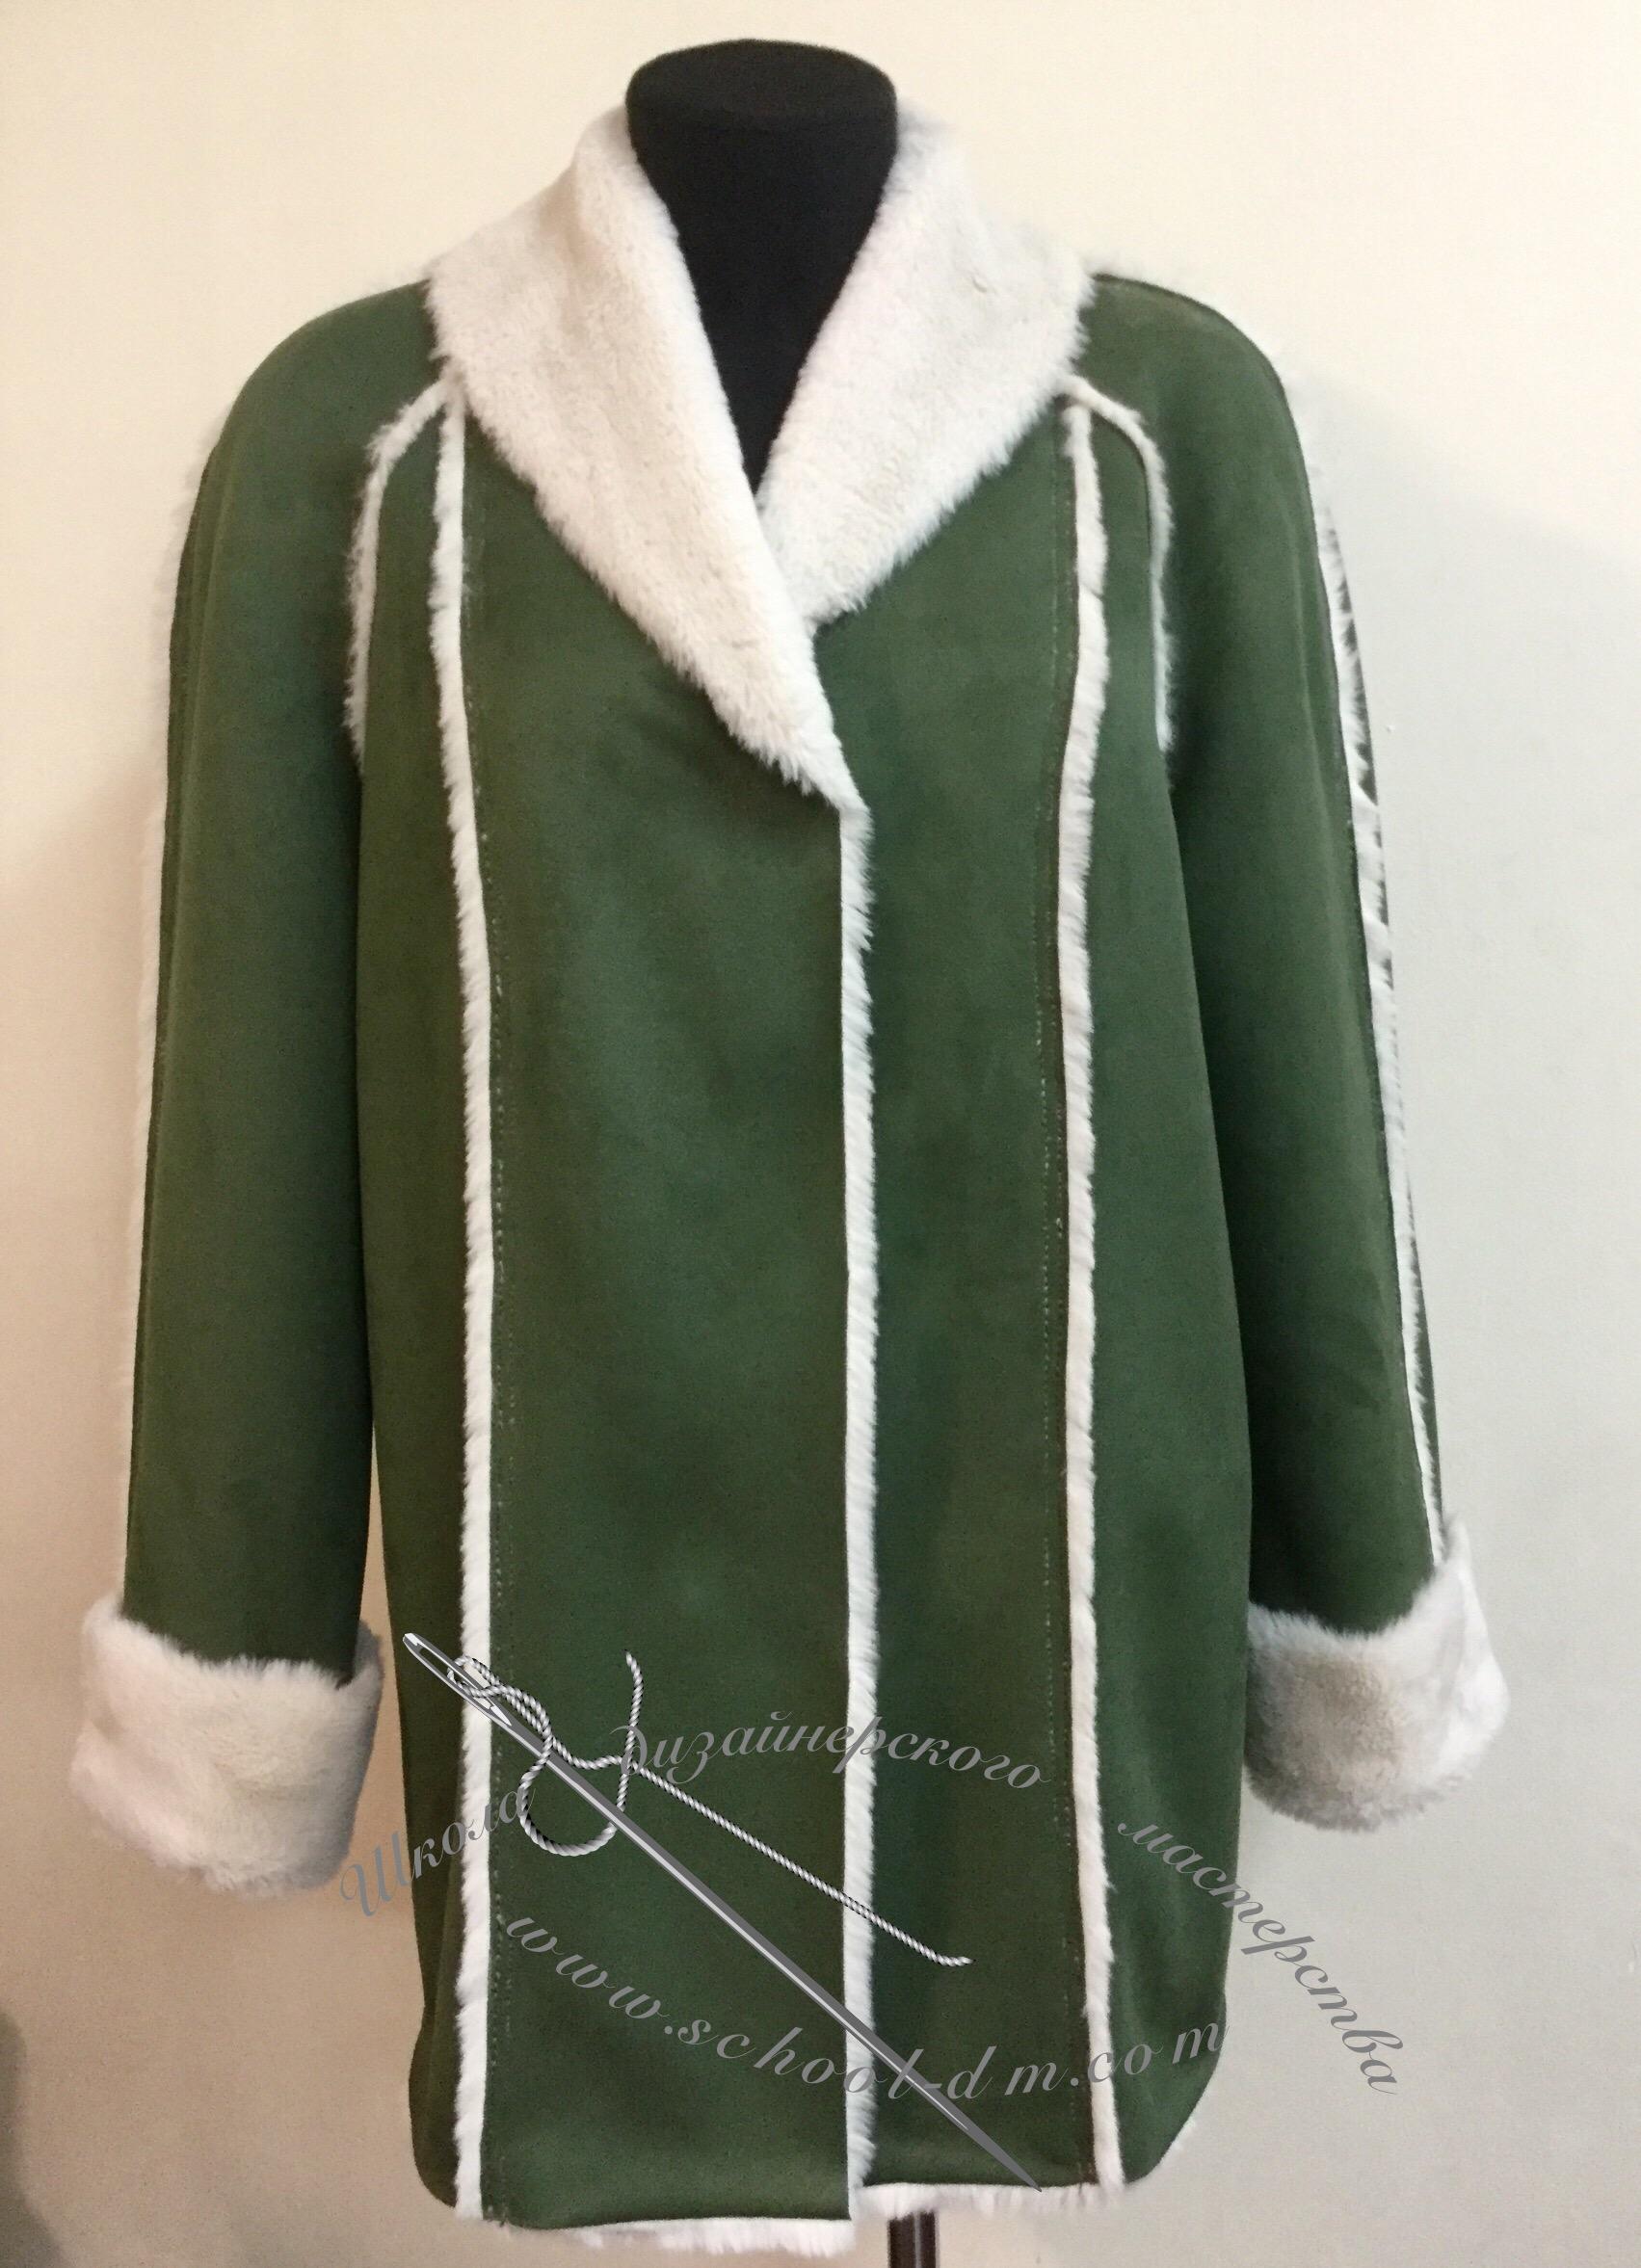 Шить дублёнку, шить верхнюю одежду, шить пальто, Школа дизайнерского мастерства